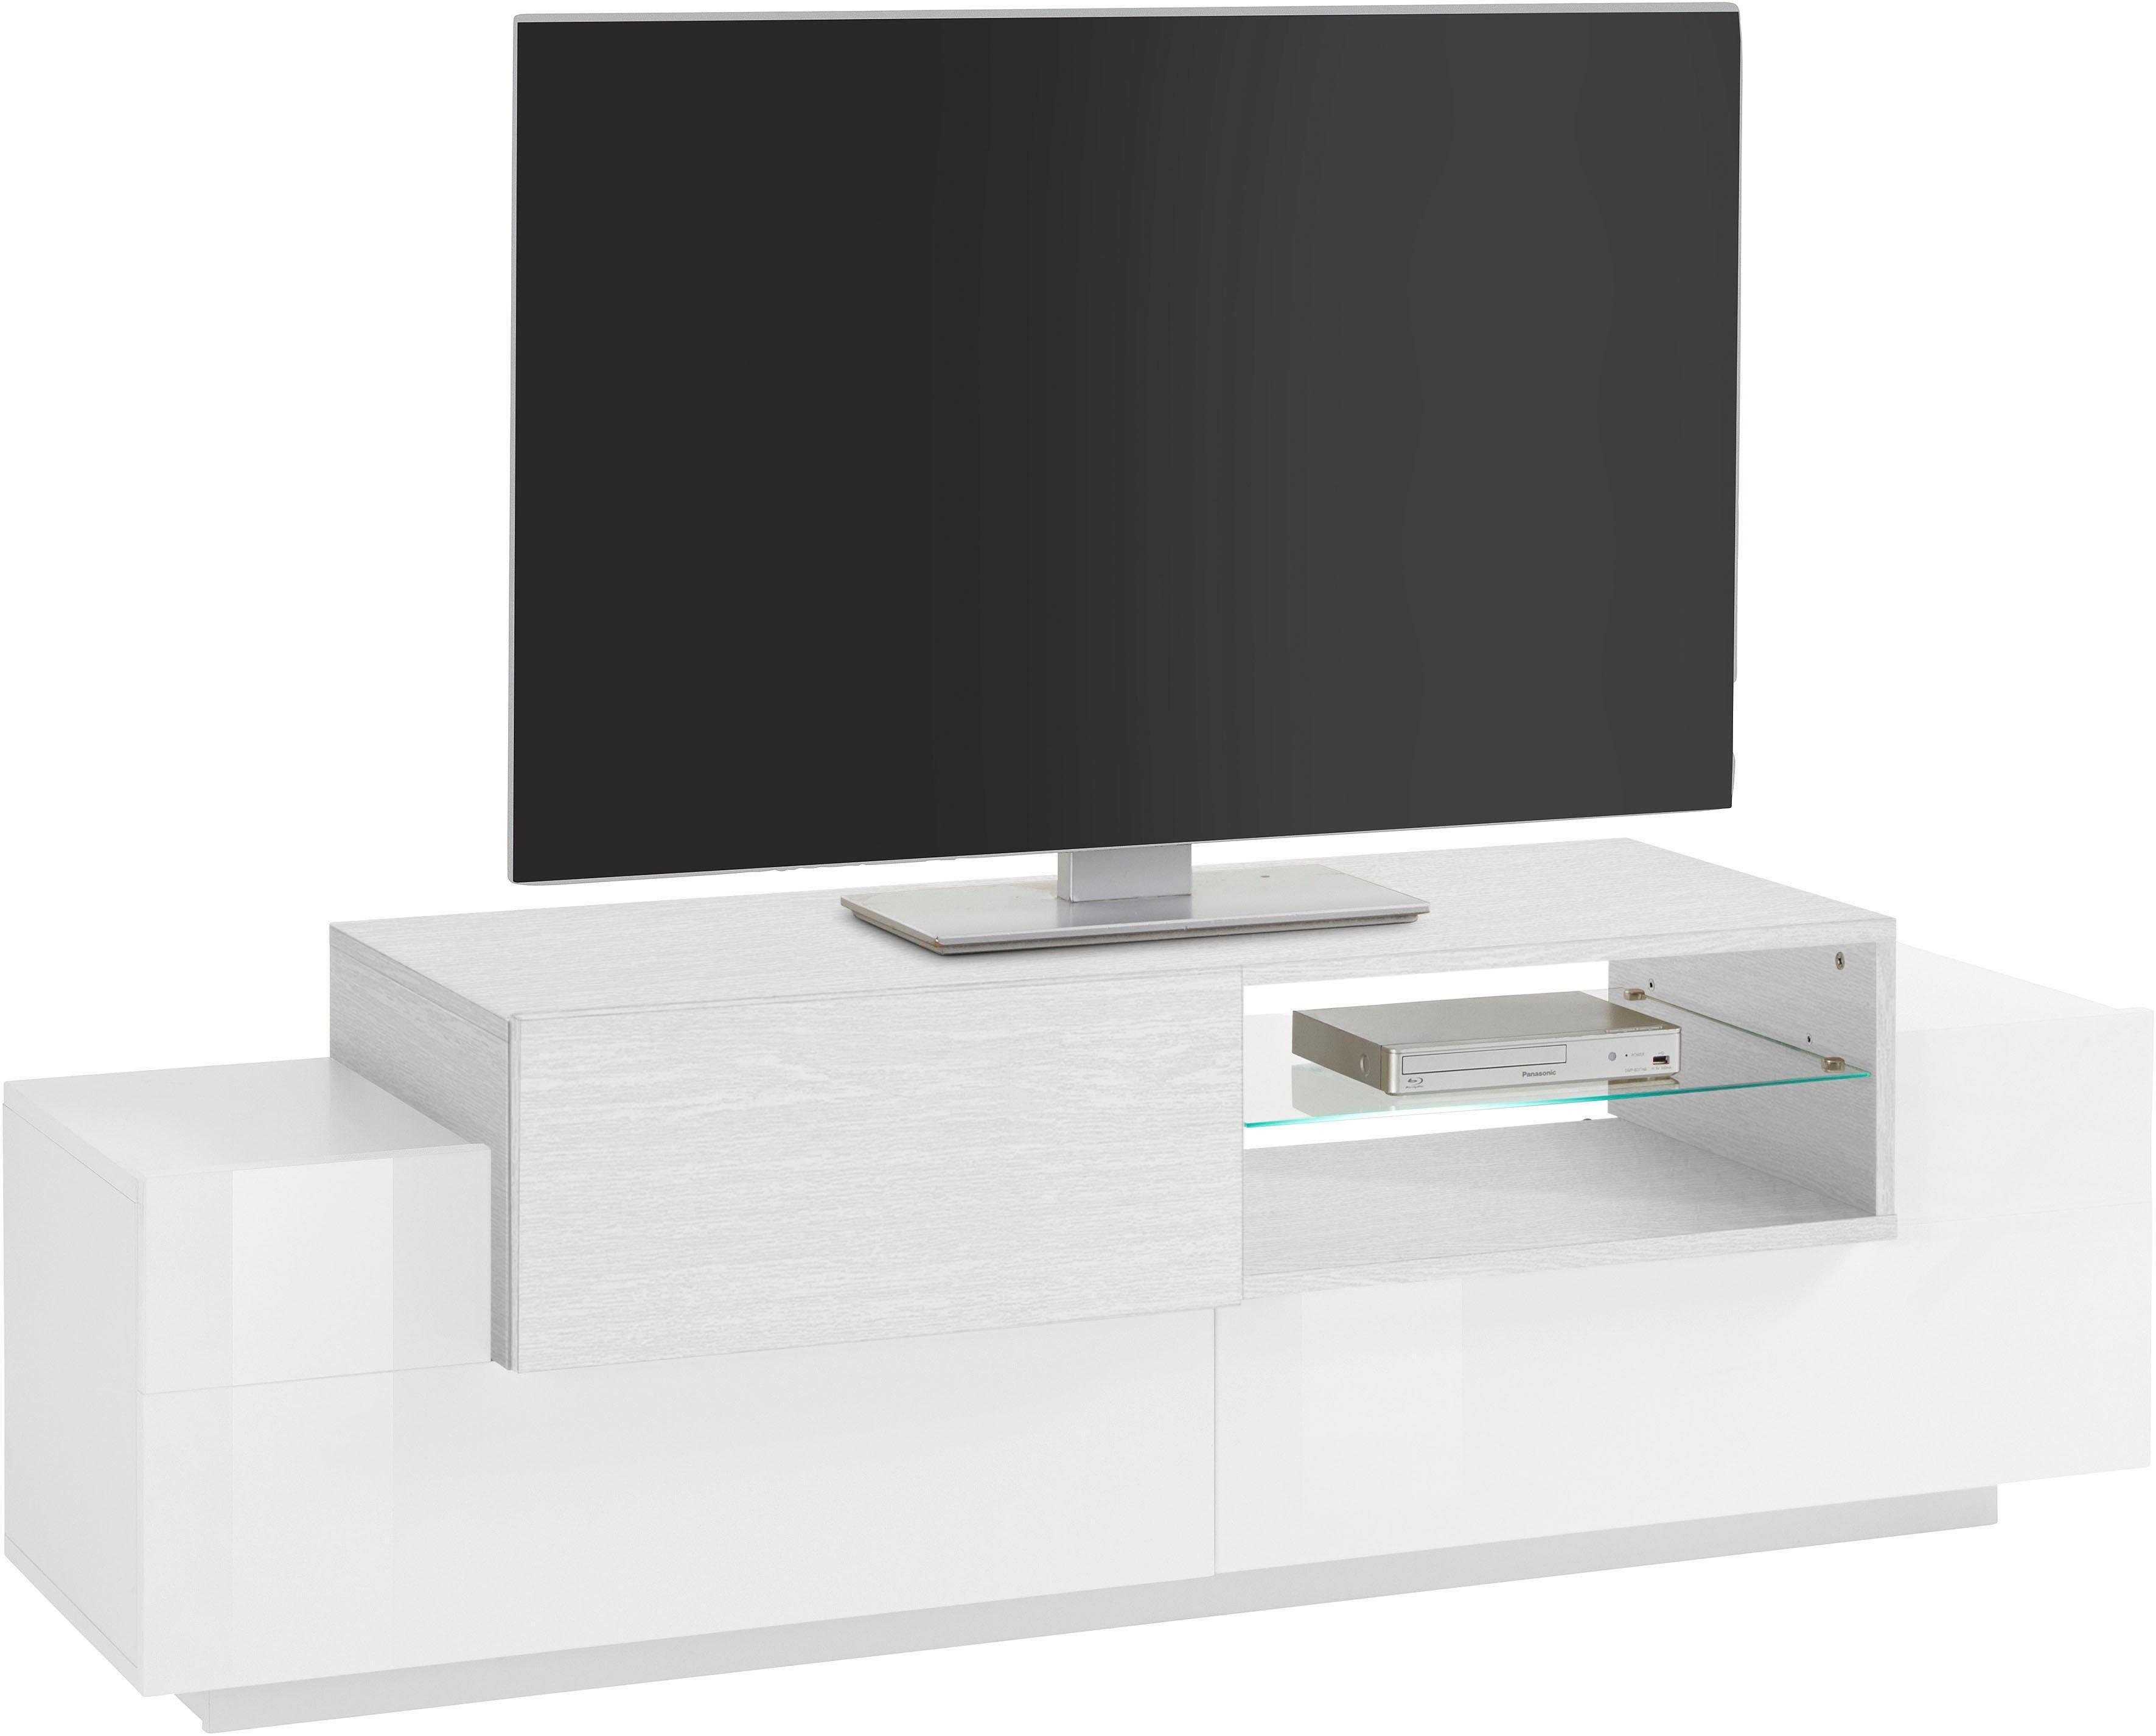 Tecnos tv-meubel »Corona«, breedte 240 cm bij OTTO online kopen